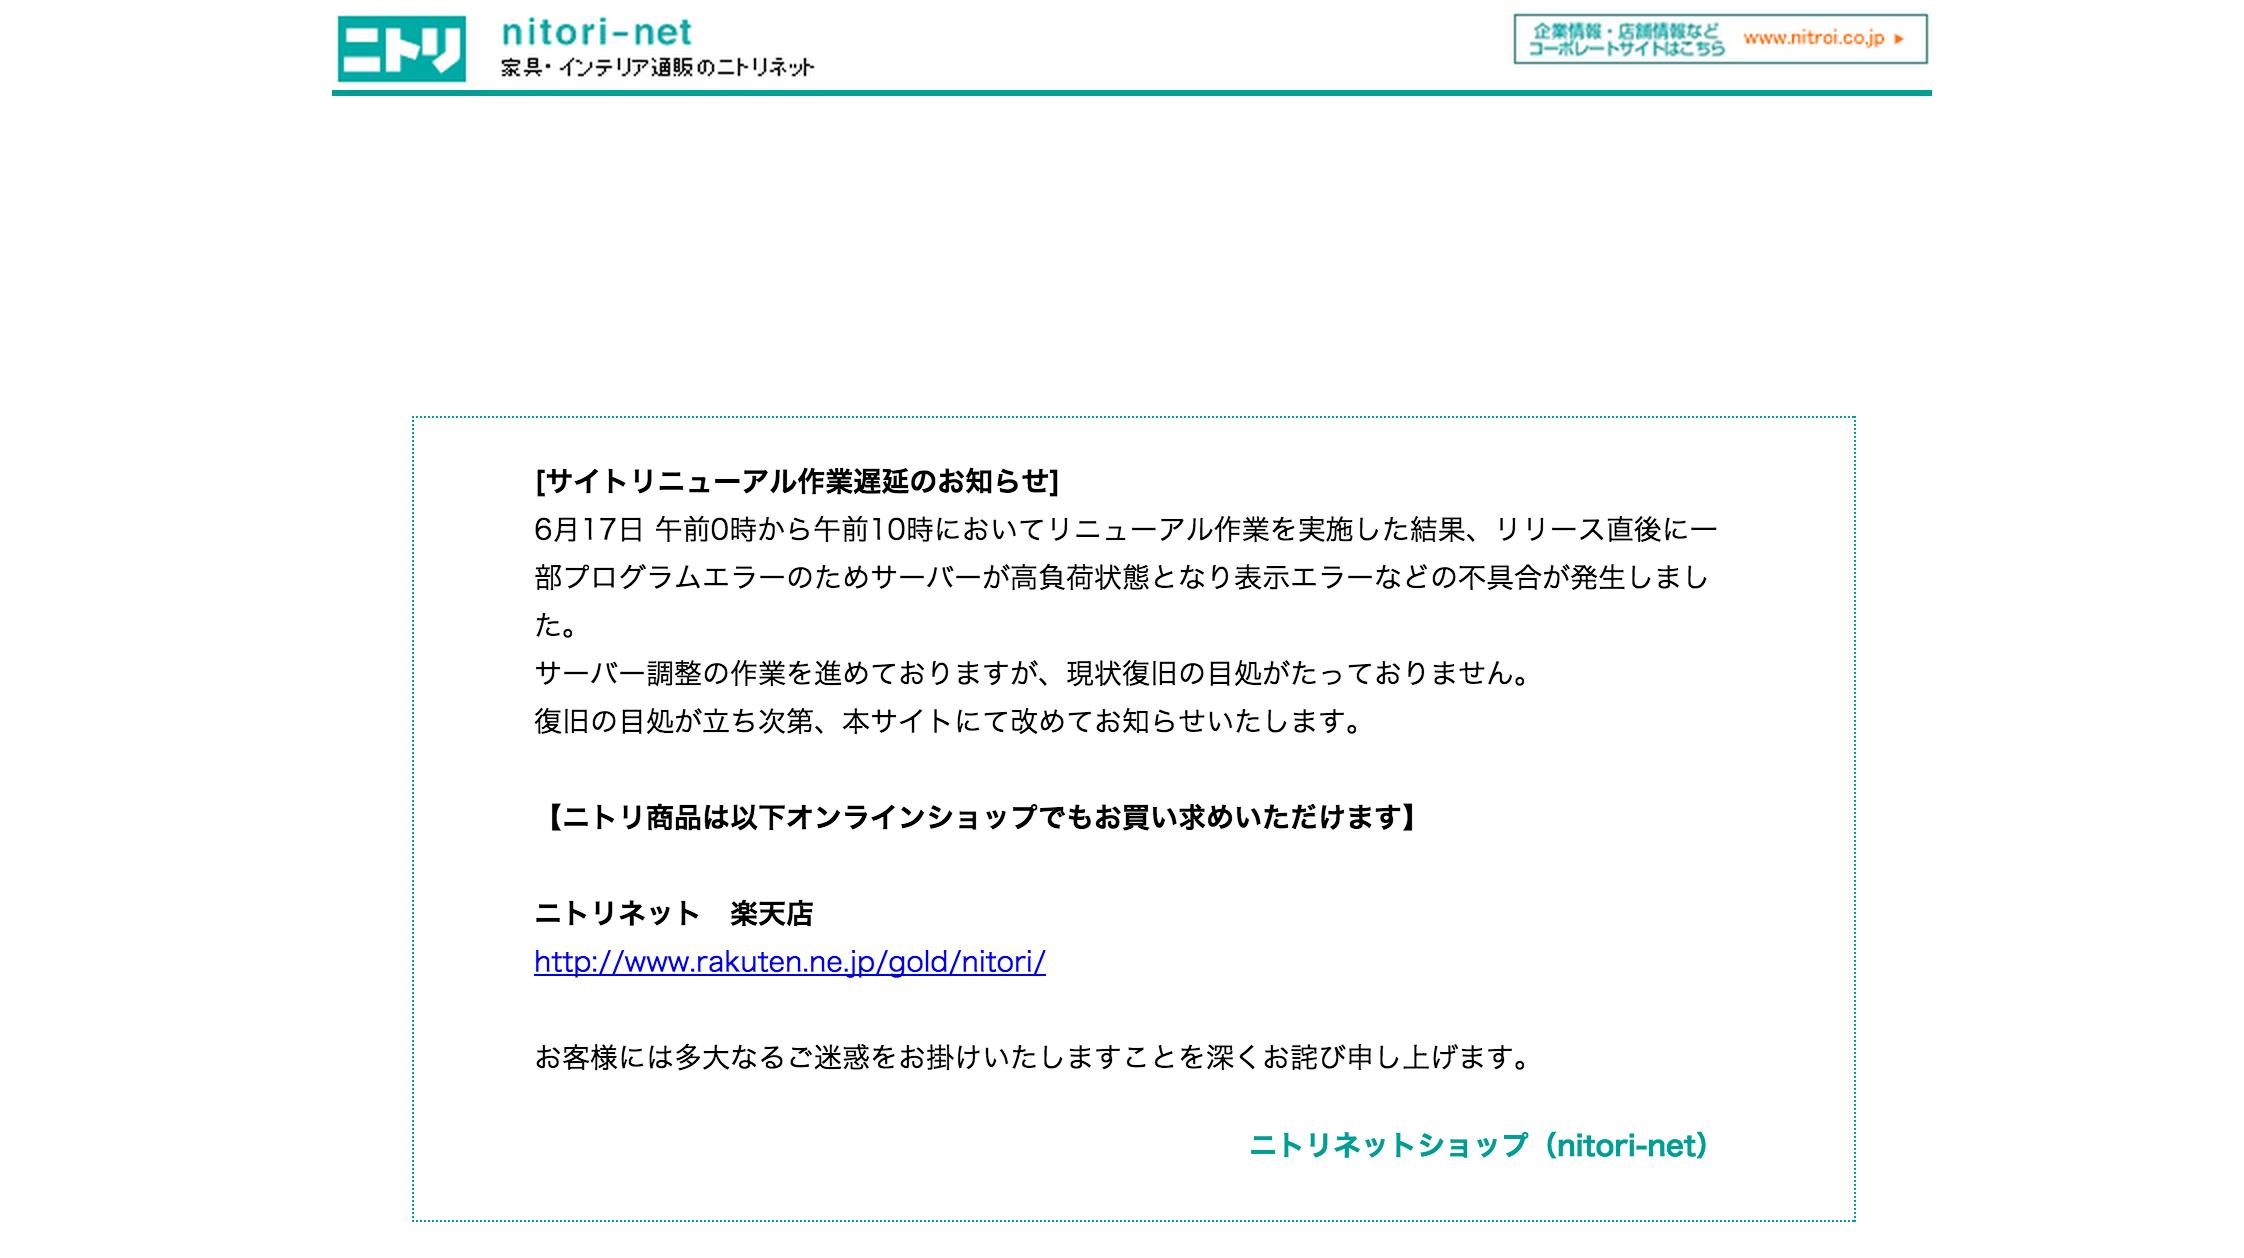 001_20150619_nitori